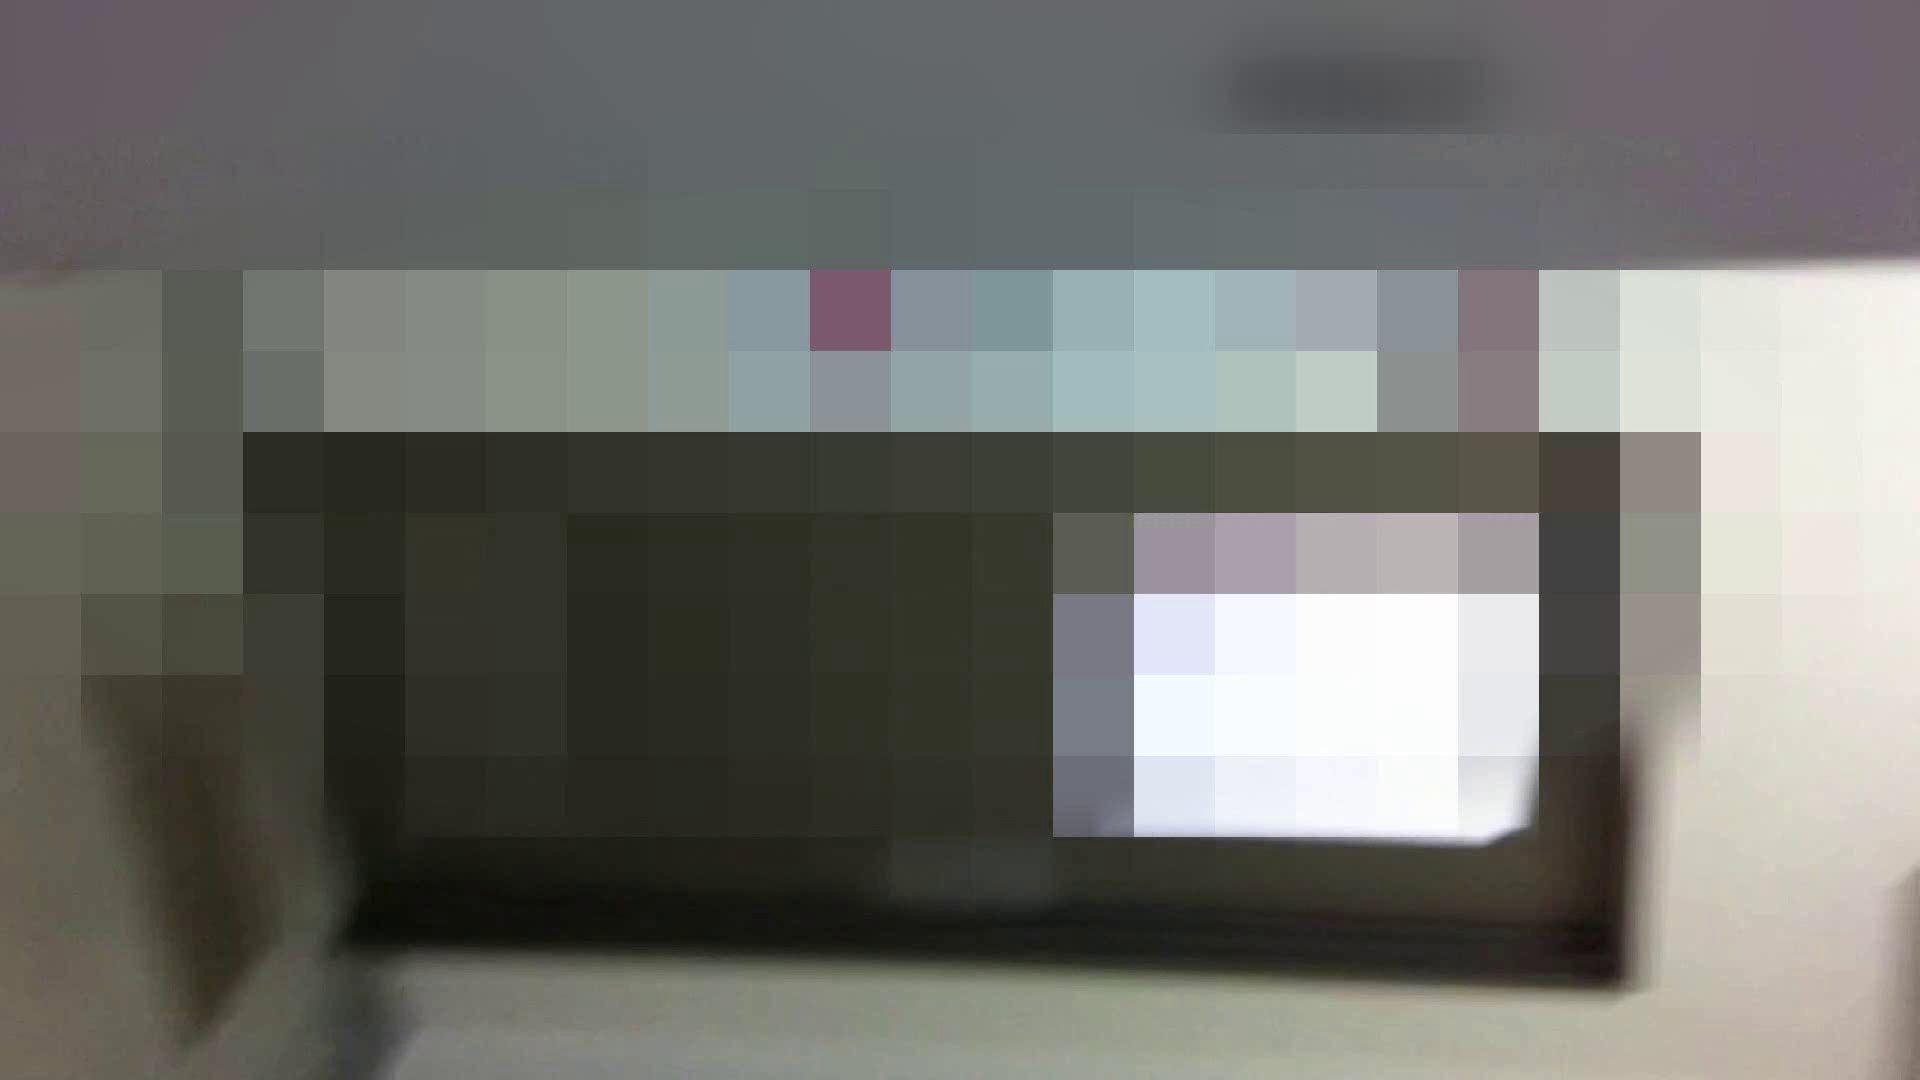 お姉さんの恥便所盗撮! Vol.10 お姉さんのヌード オマンコ無修正動画無料 101画像 46